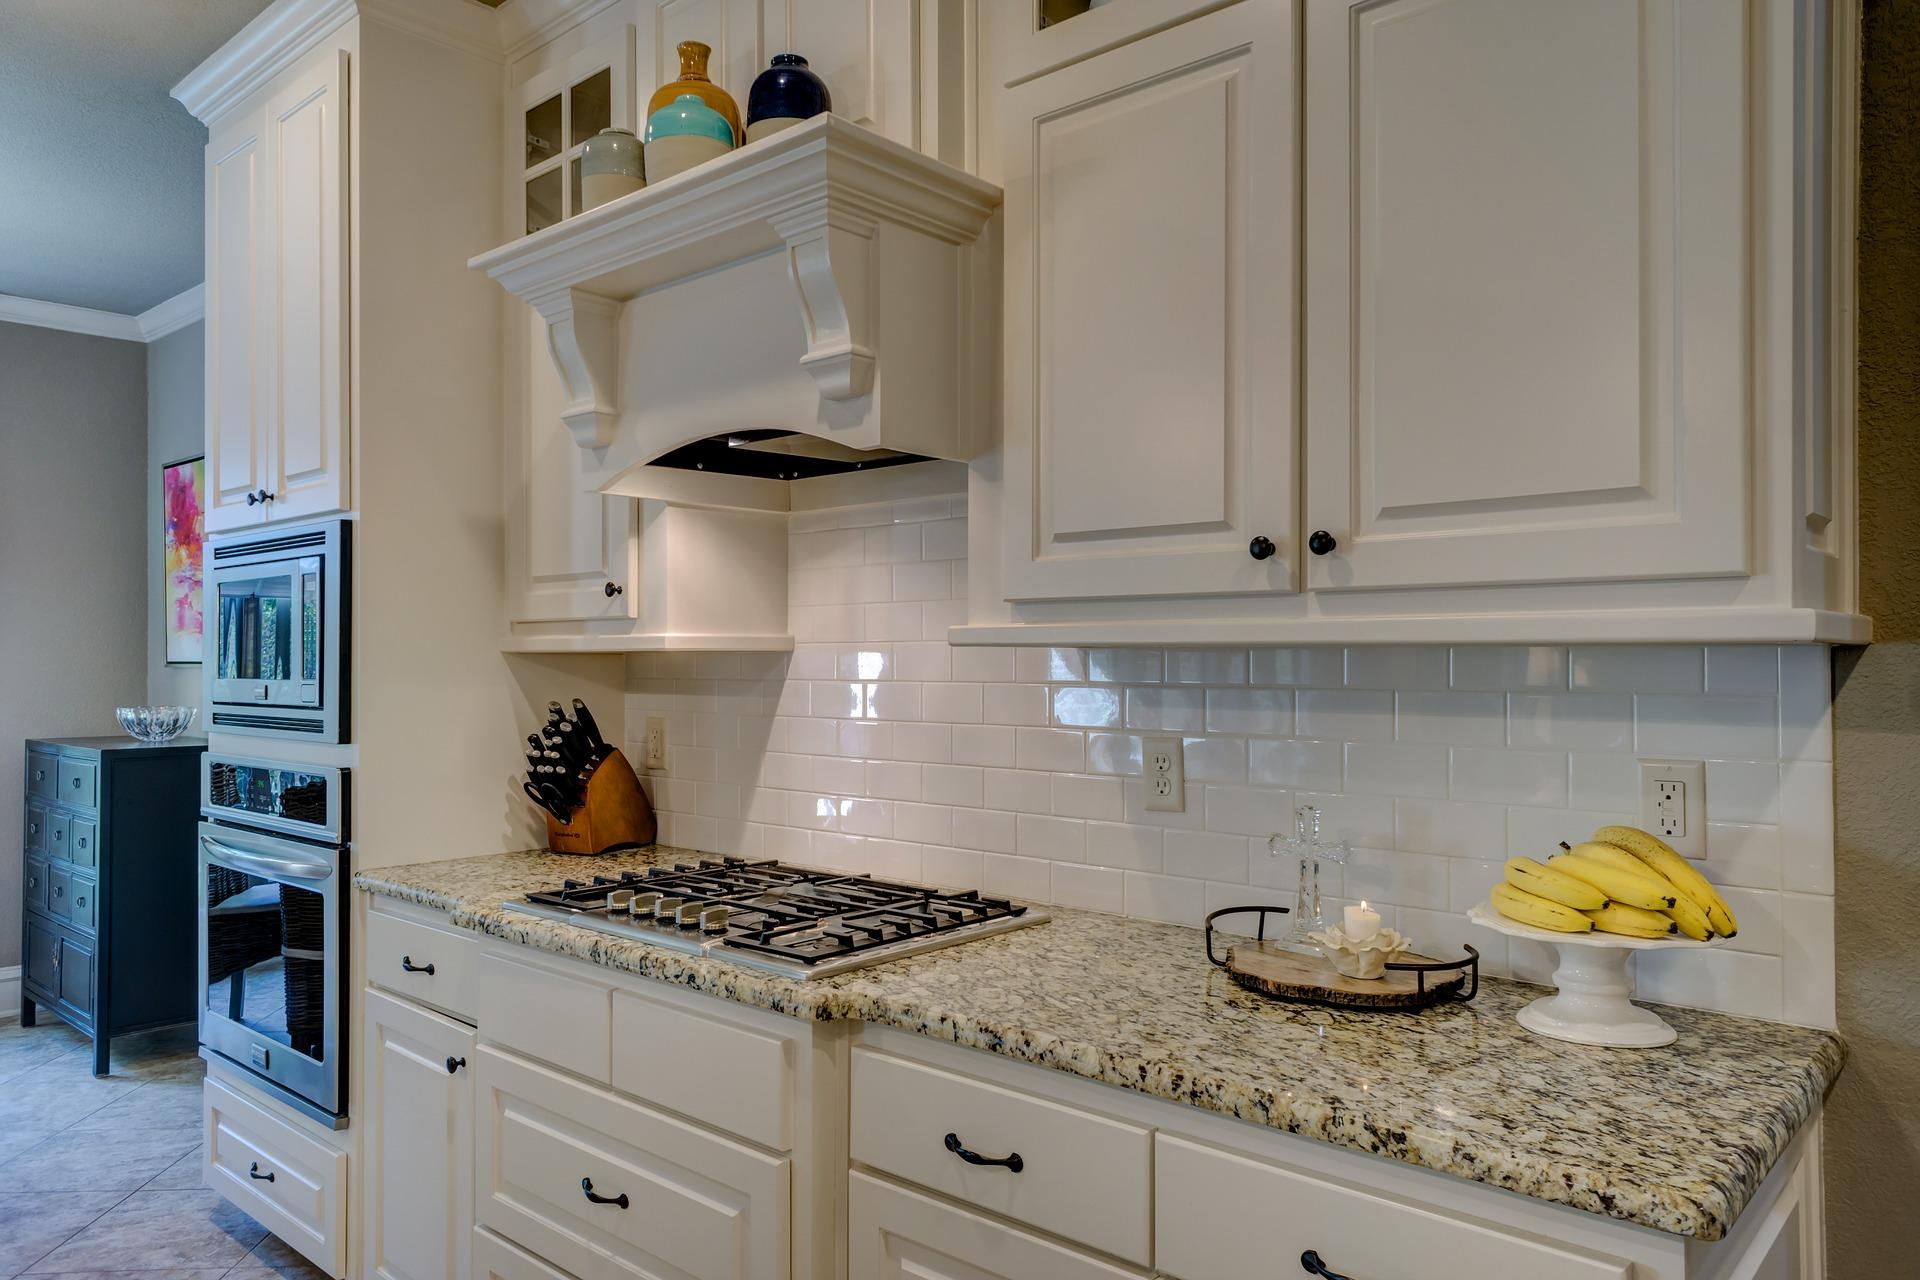 kitchen-1940176_1920 (1)